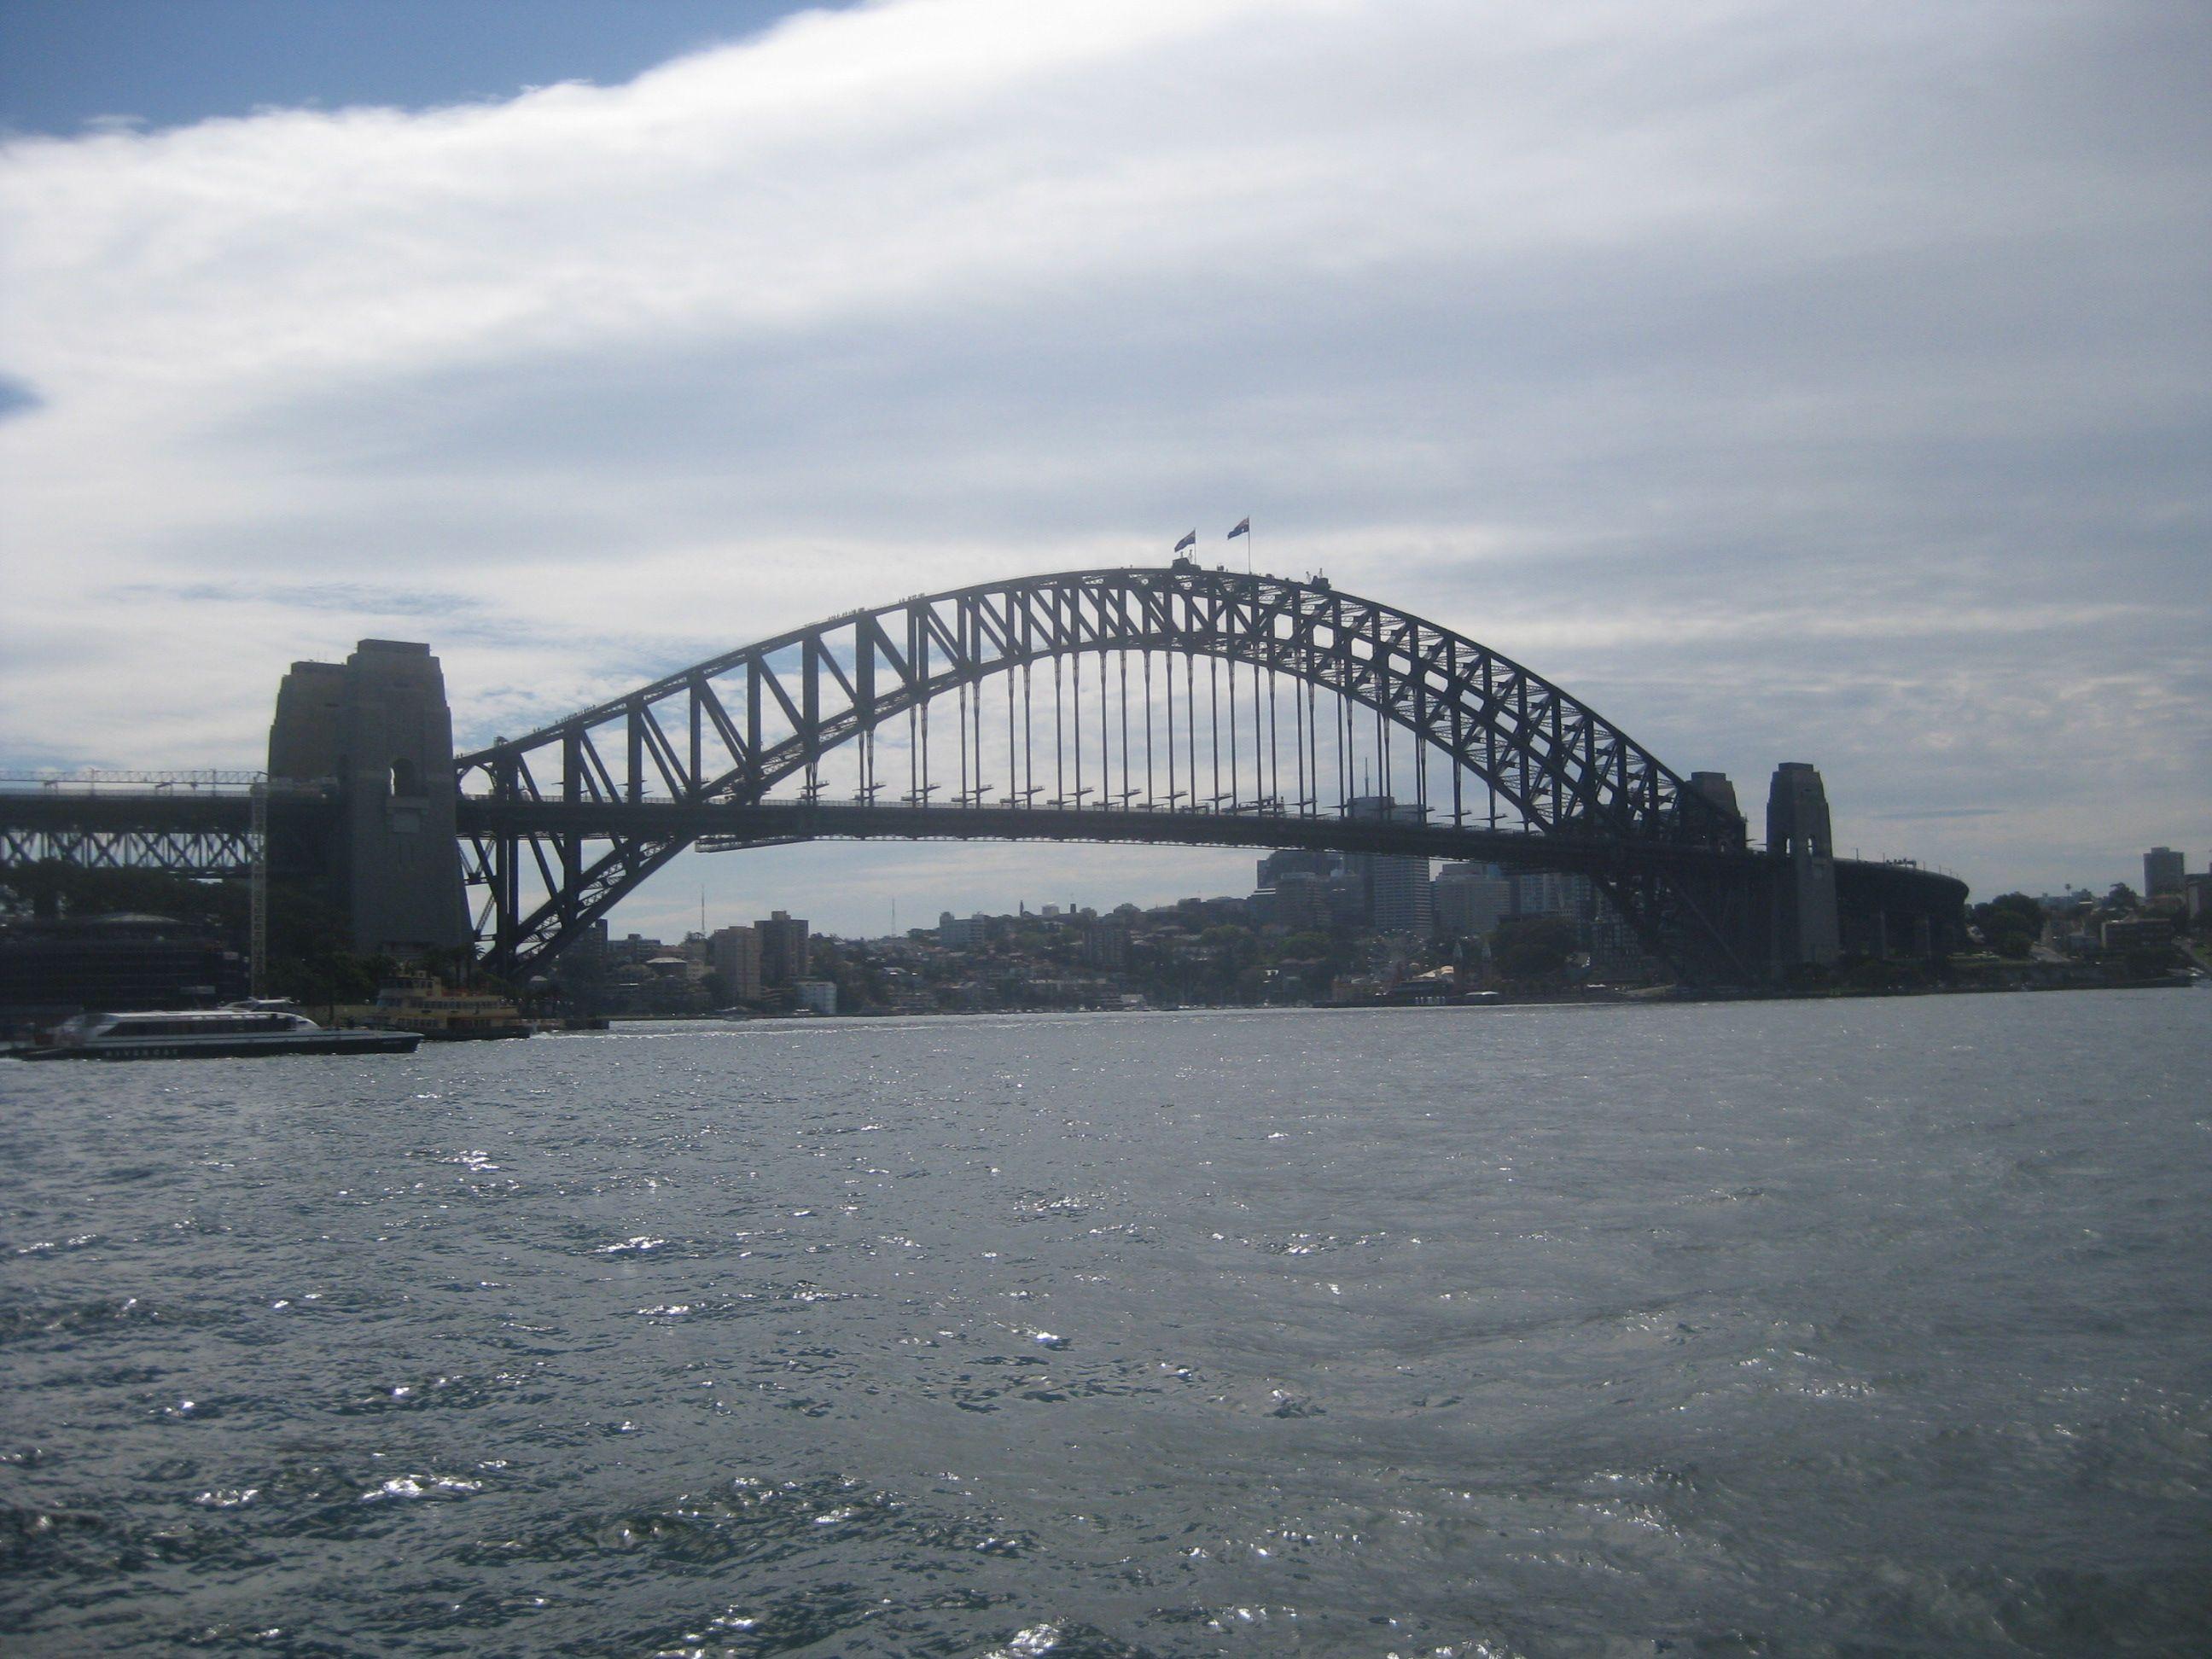 Sydney Harbour Bridge, Sydney, NSW, Australia (With images